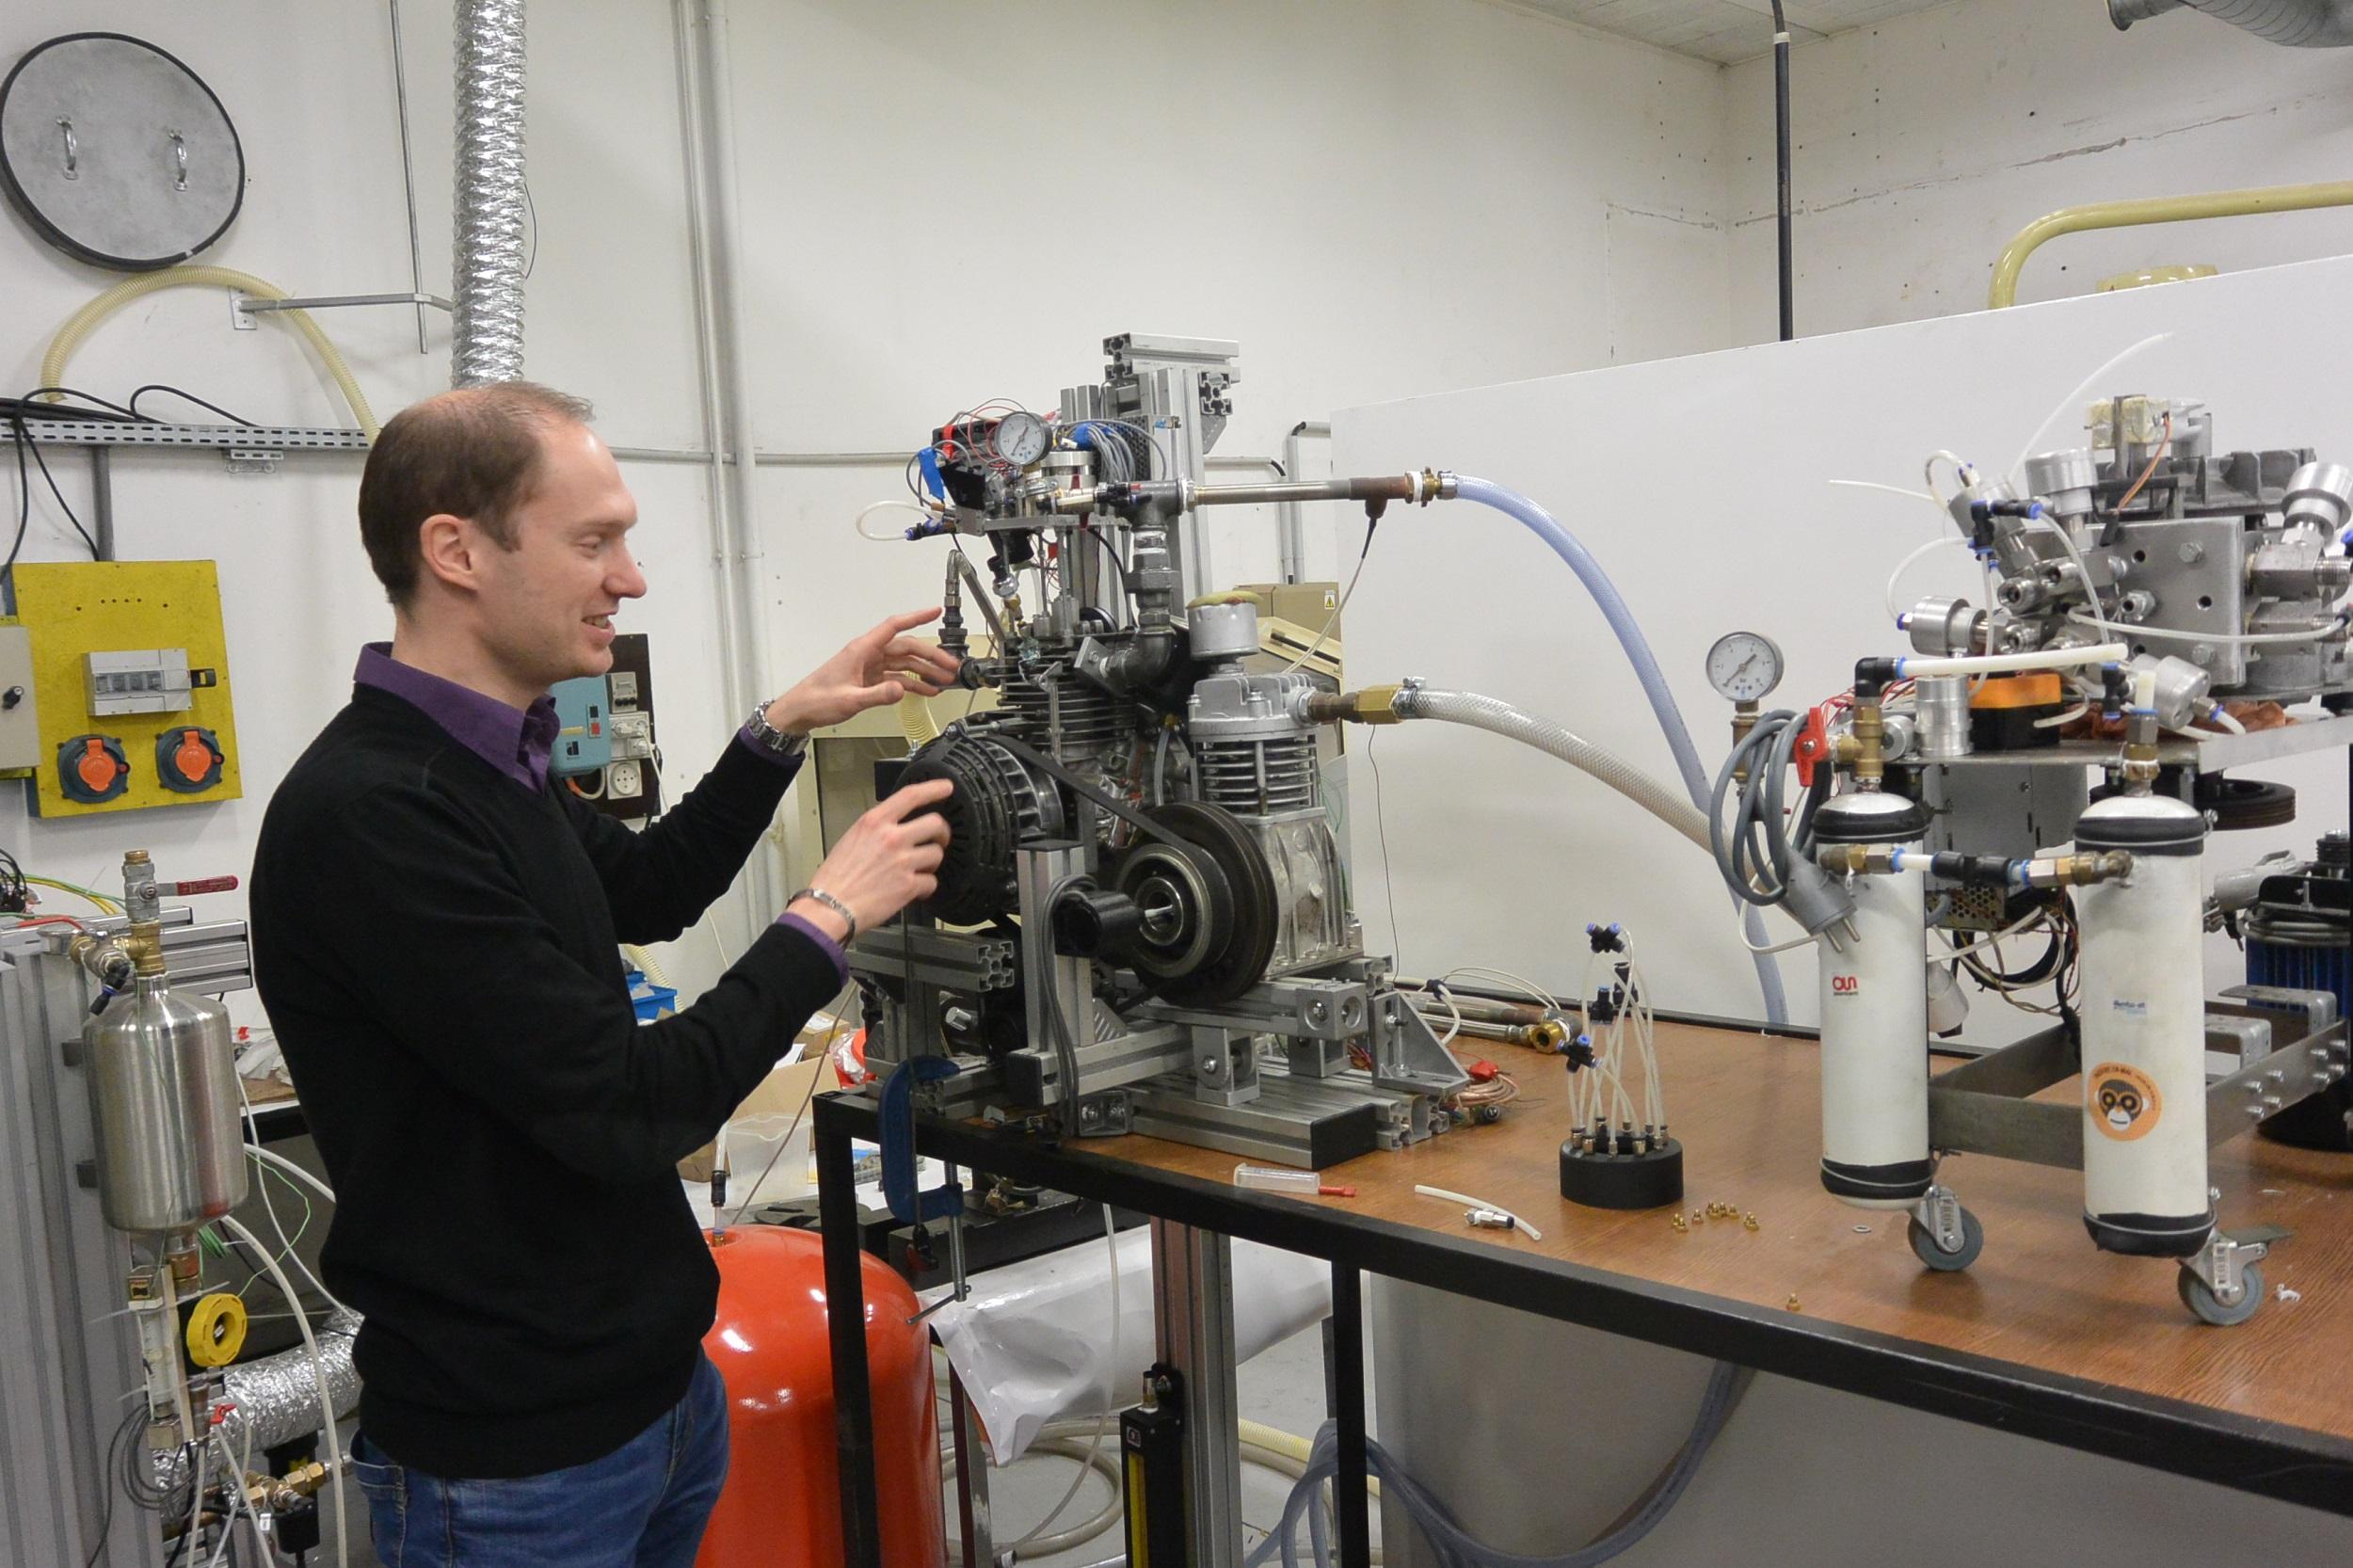 Thibault Cartigny, l'un des quatre fondateurs d'Ananké, présente le moteur de récupération de chaleur en cours de commercialisation.